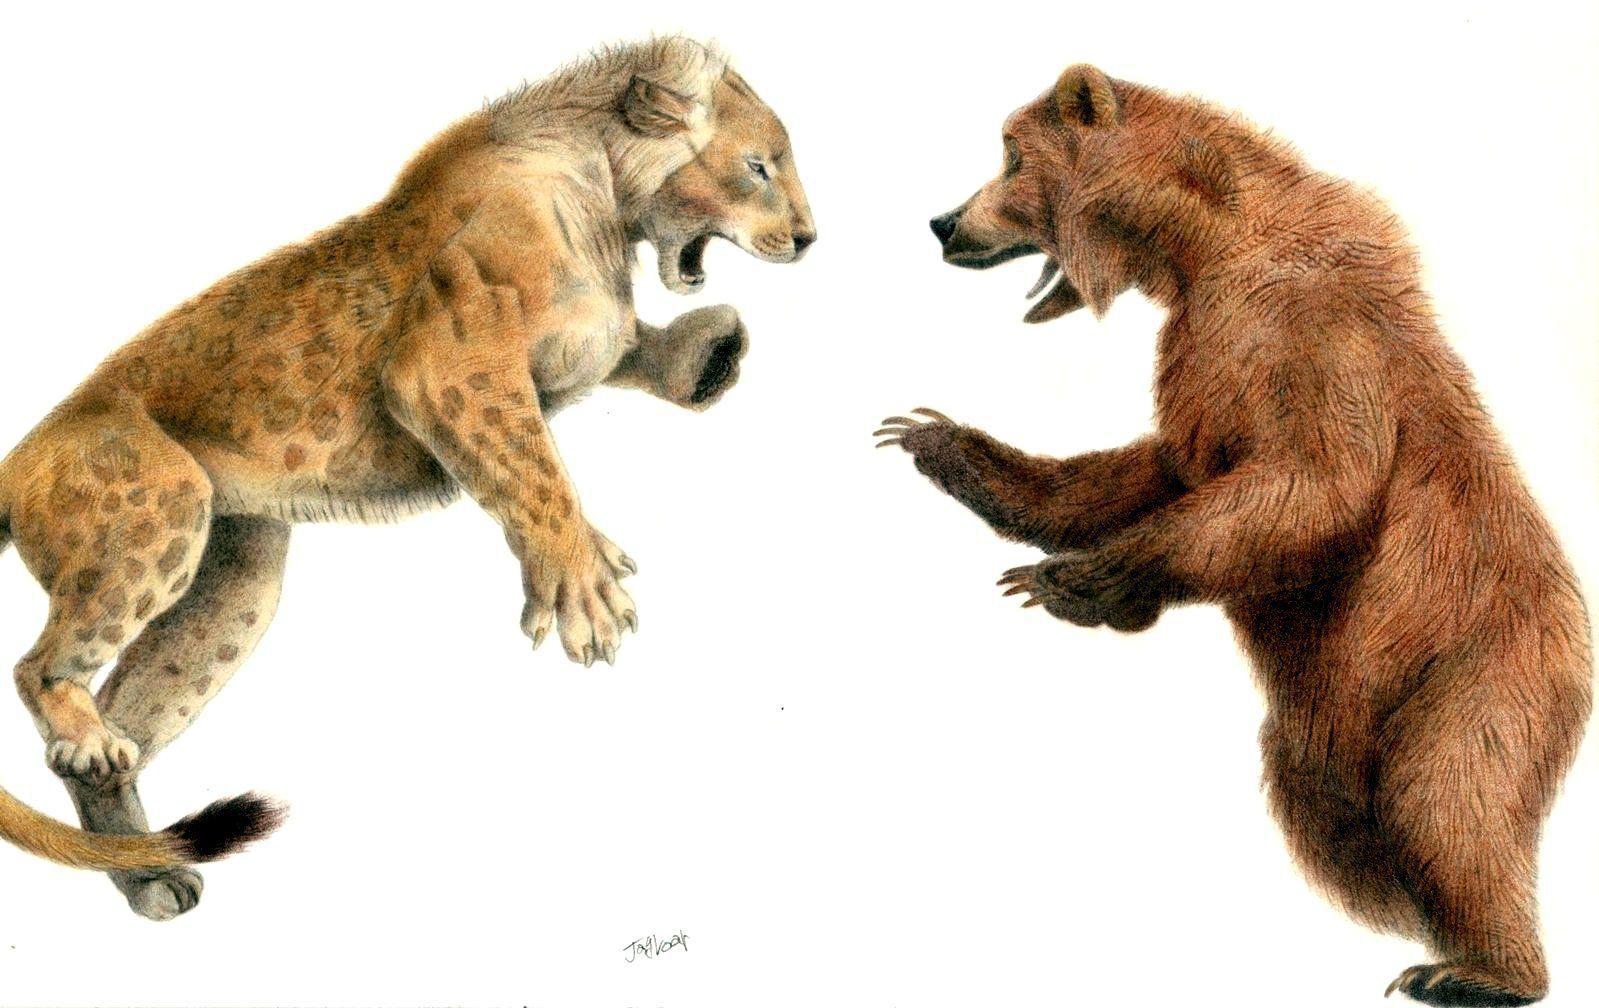 todo lo mejor prometedor parrilla  Oso de las cavernas vs León de la cueva: ¿Quién gana?